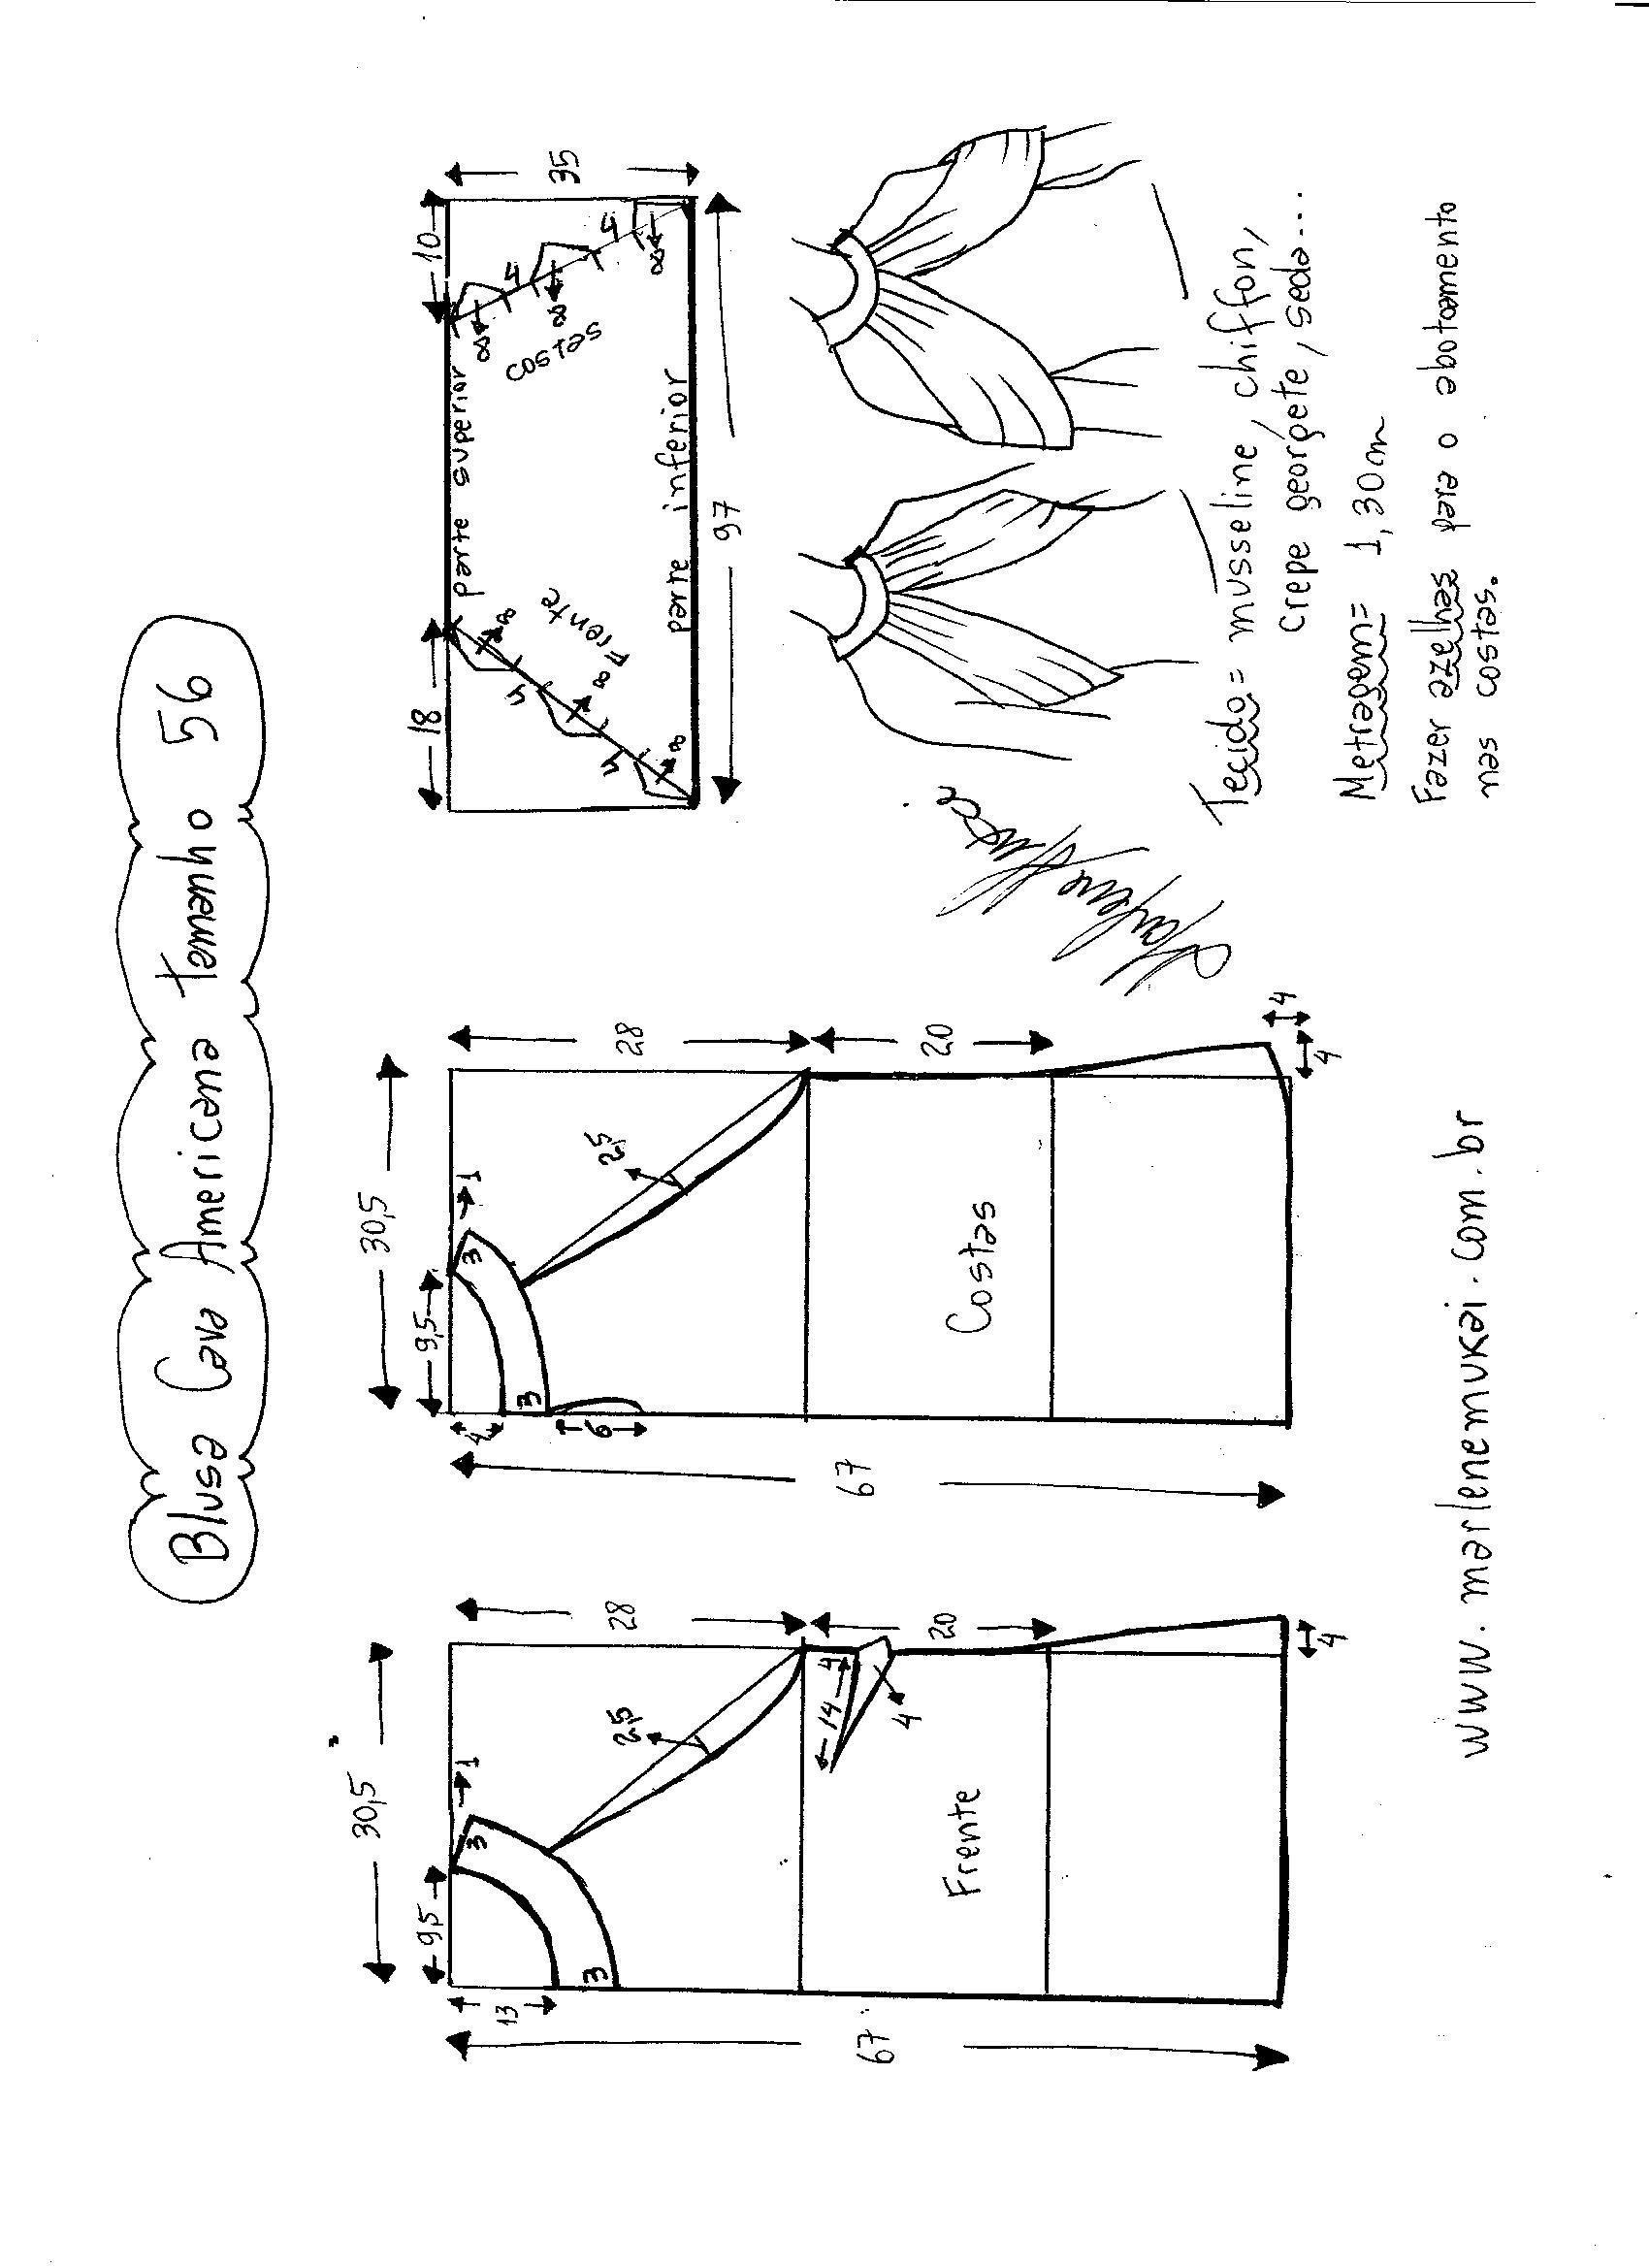 Blusa de sisa americana con drapeado | PATRONAJE | Pinterest ...